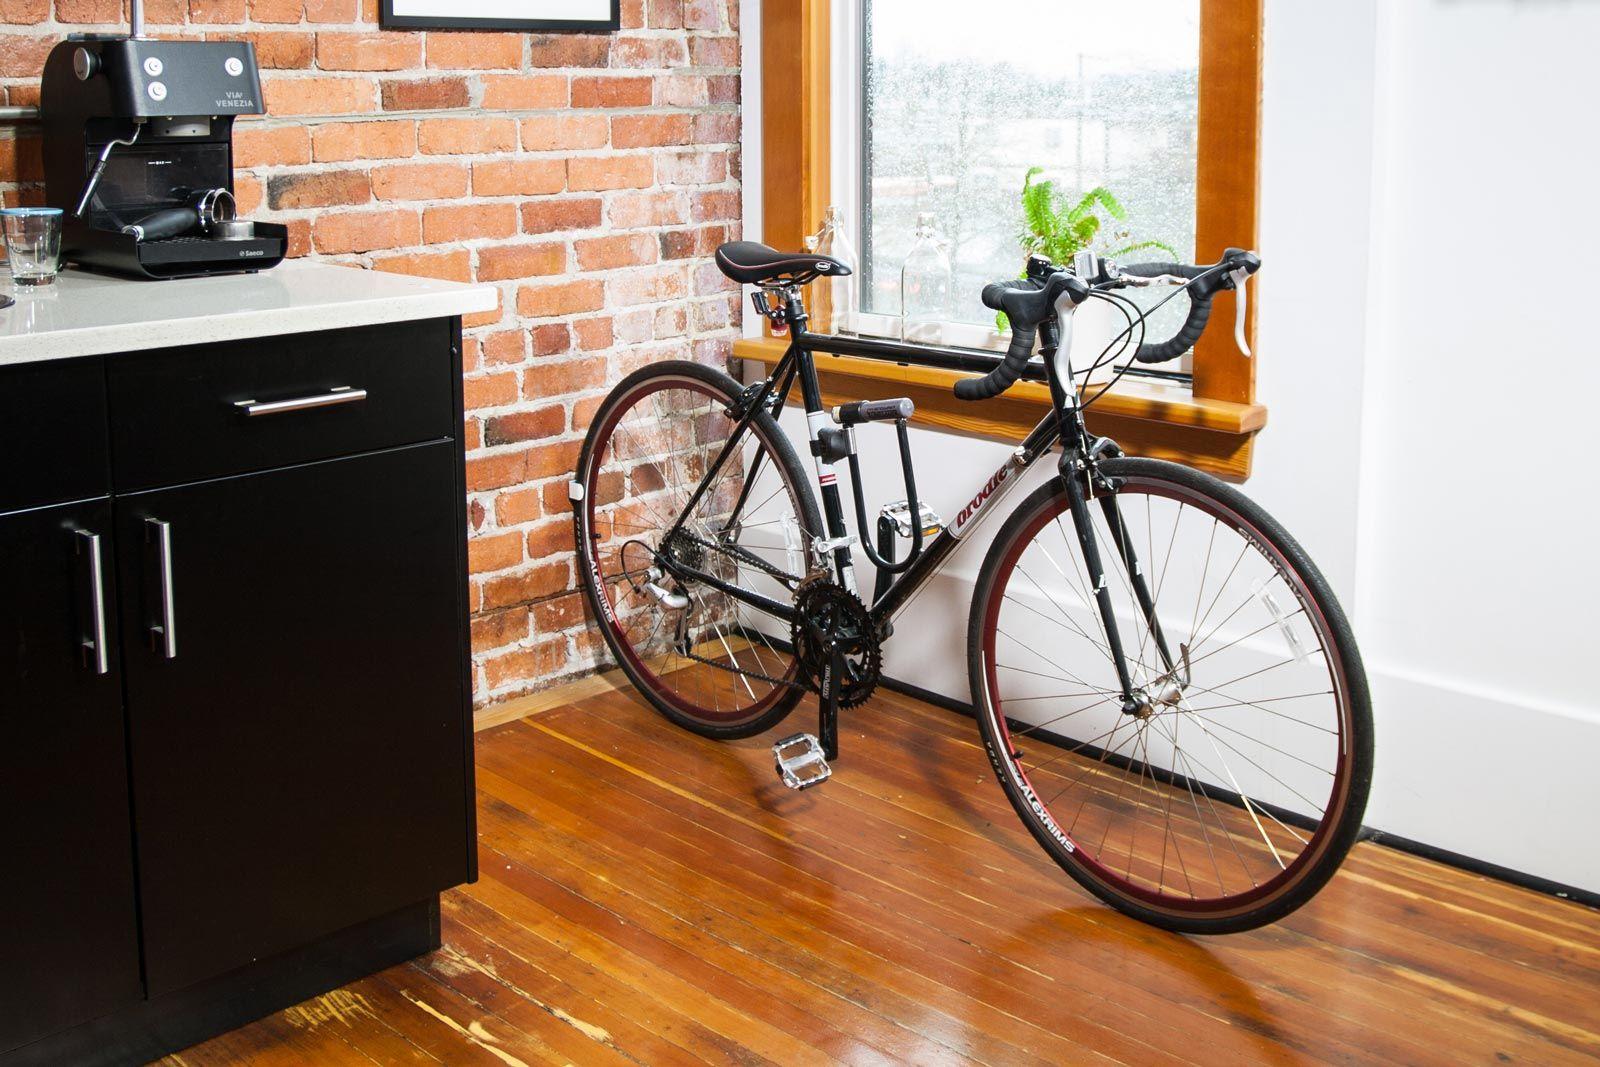 Fahrradhalterung Wand die clug roadie fahrradhalterung bietet die perfekte